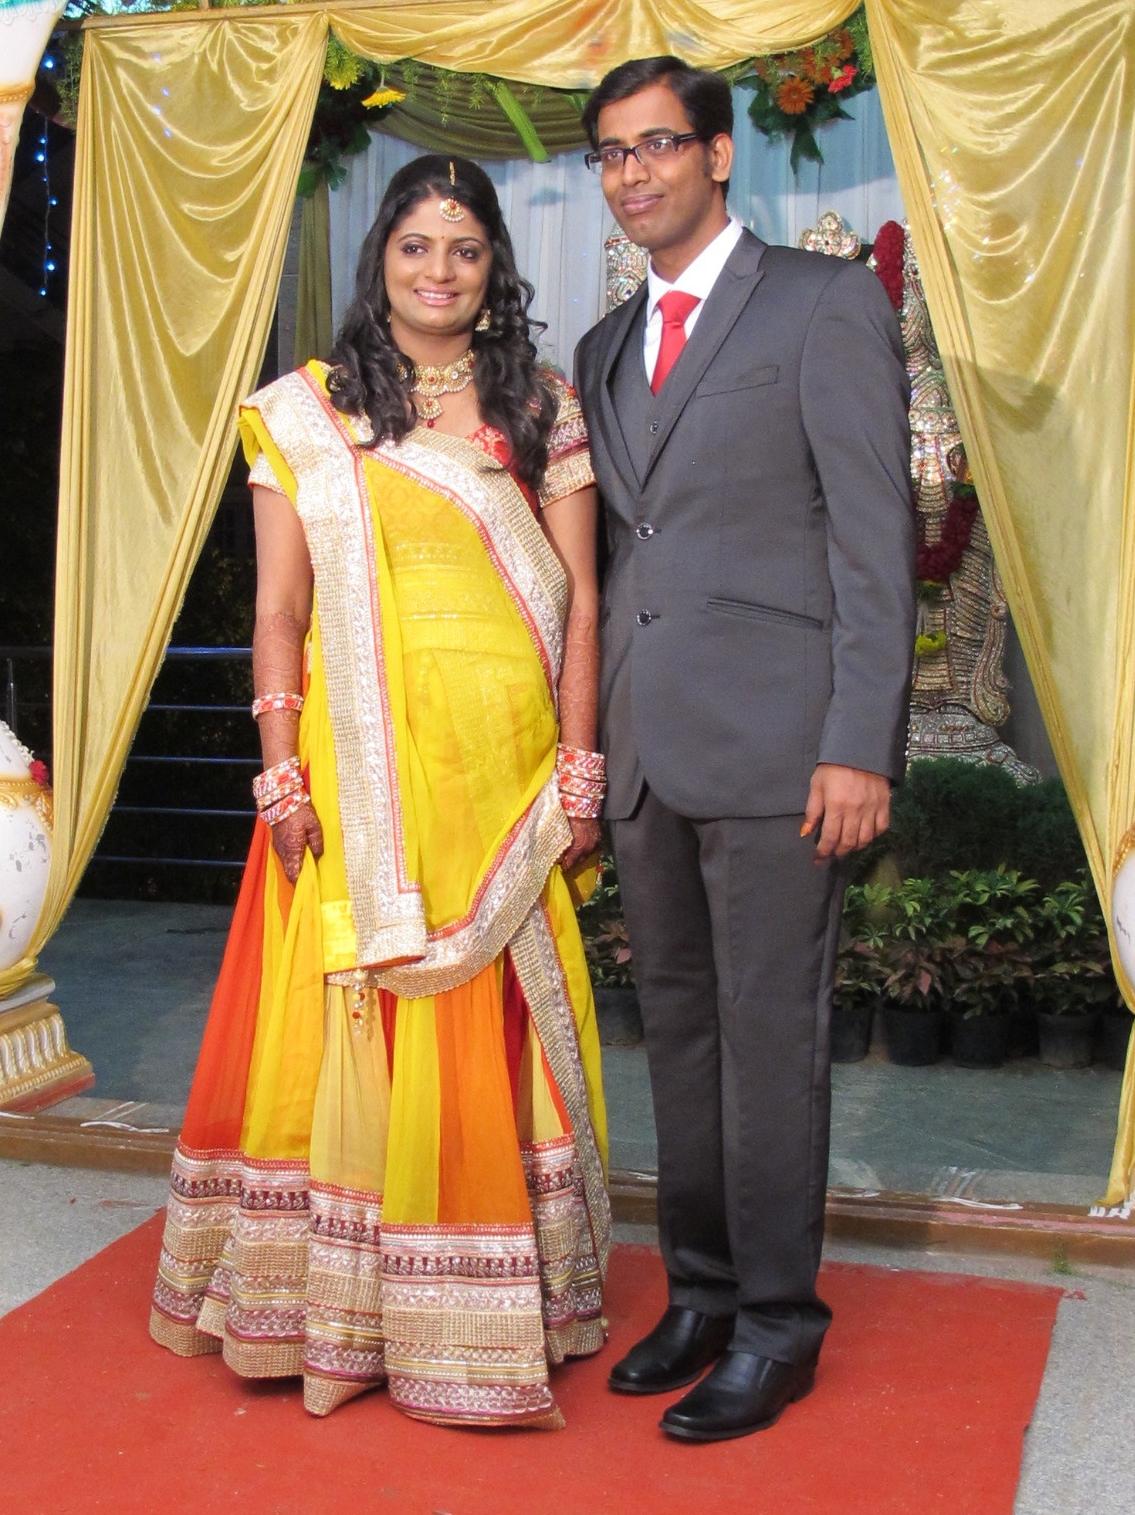 Swami's & Shilpa's wedding